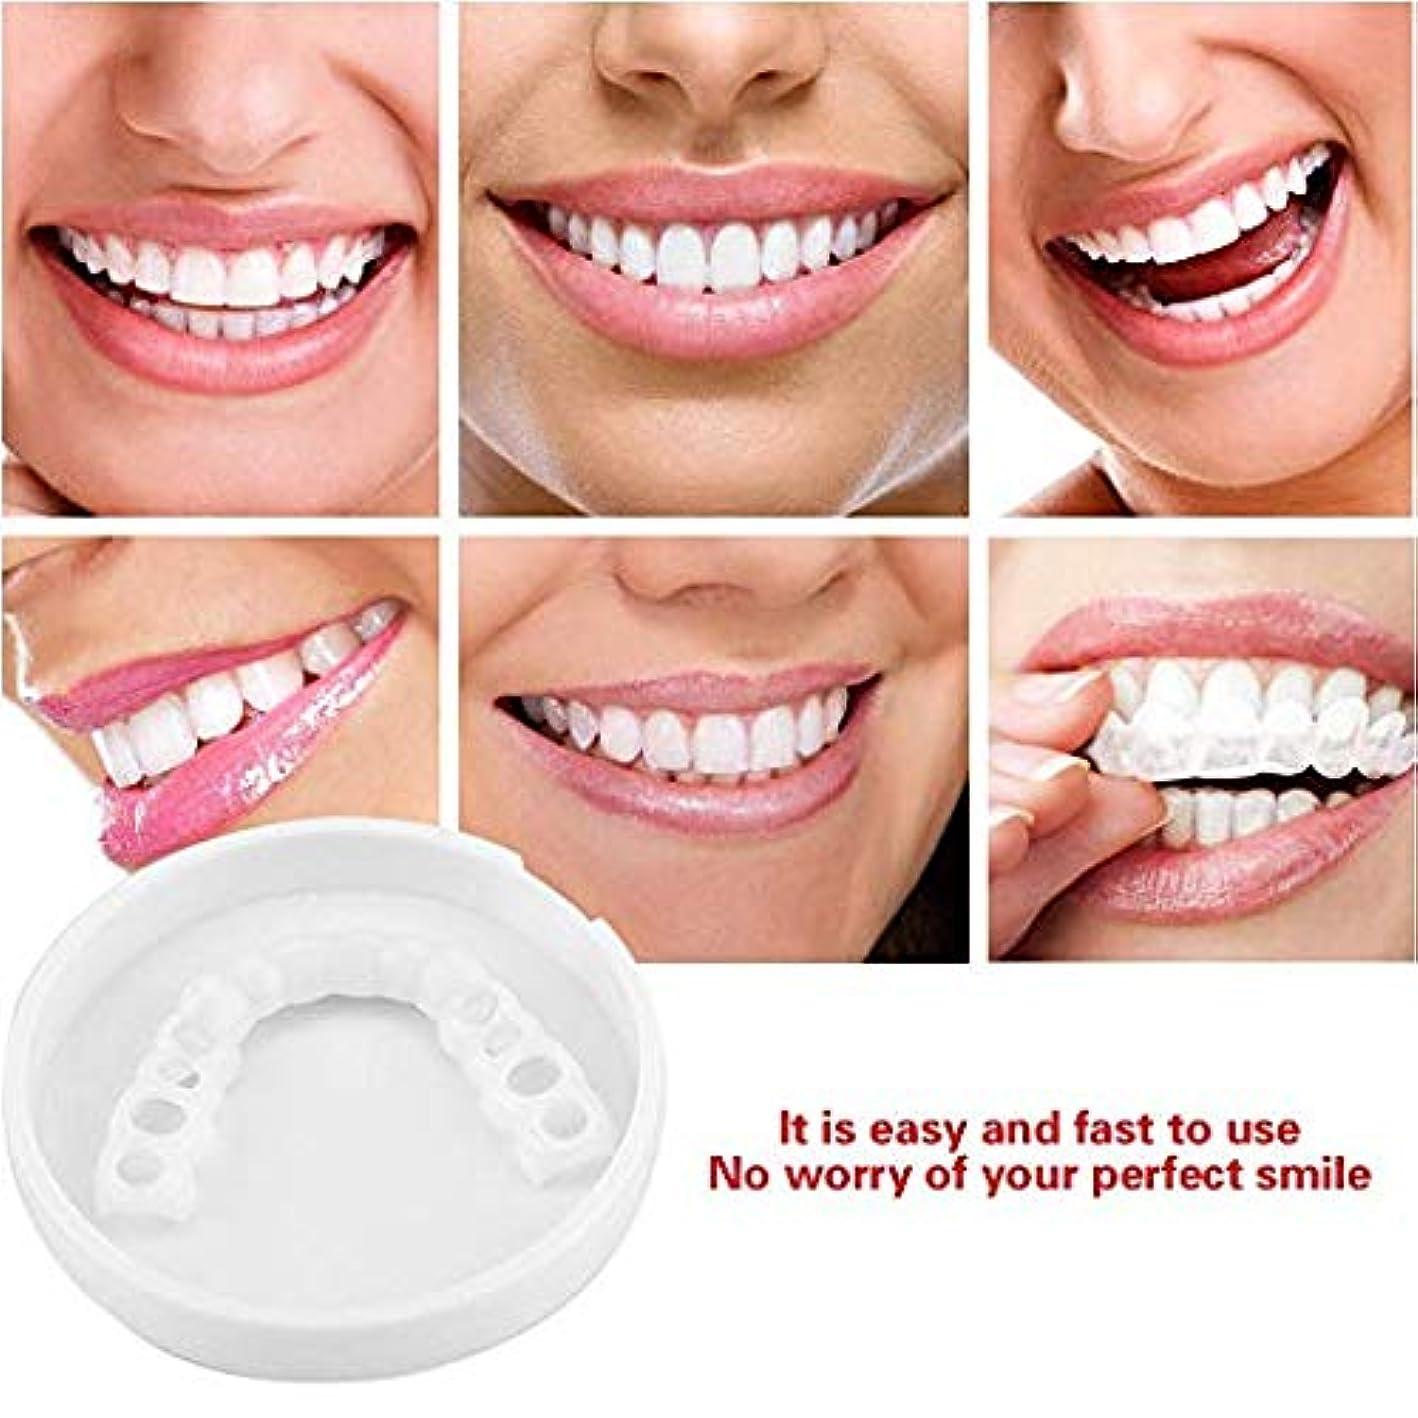 反対する頭蓋骨ライオン16セットのコスメティックデンタルマッサージ、笑顔、笑顔、快適、すべてのメイクアップ歯に最適、最も快適な義歯ケア用のワンサイズ